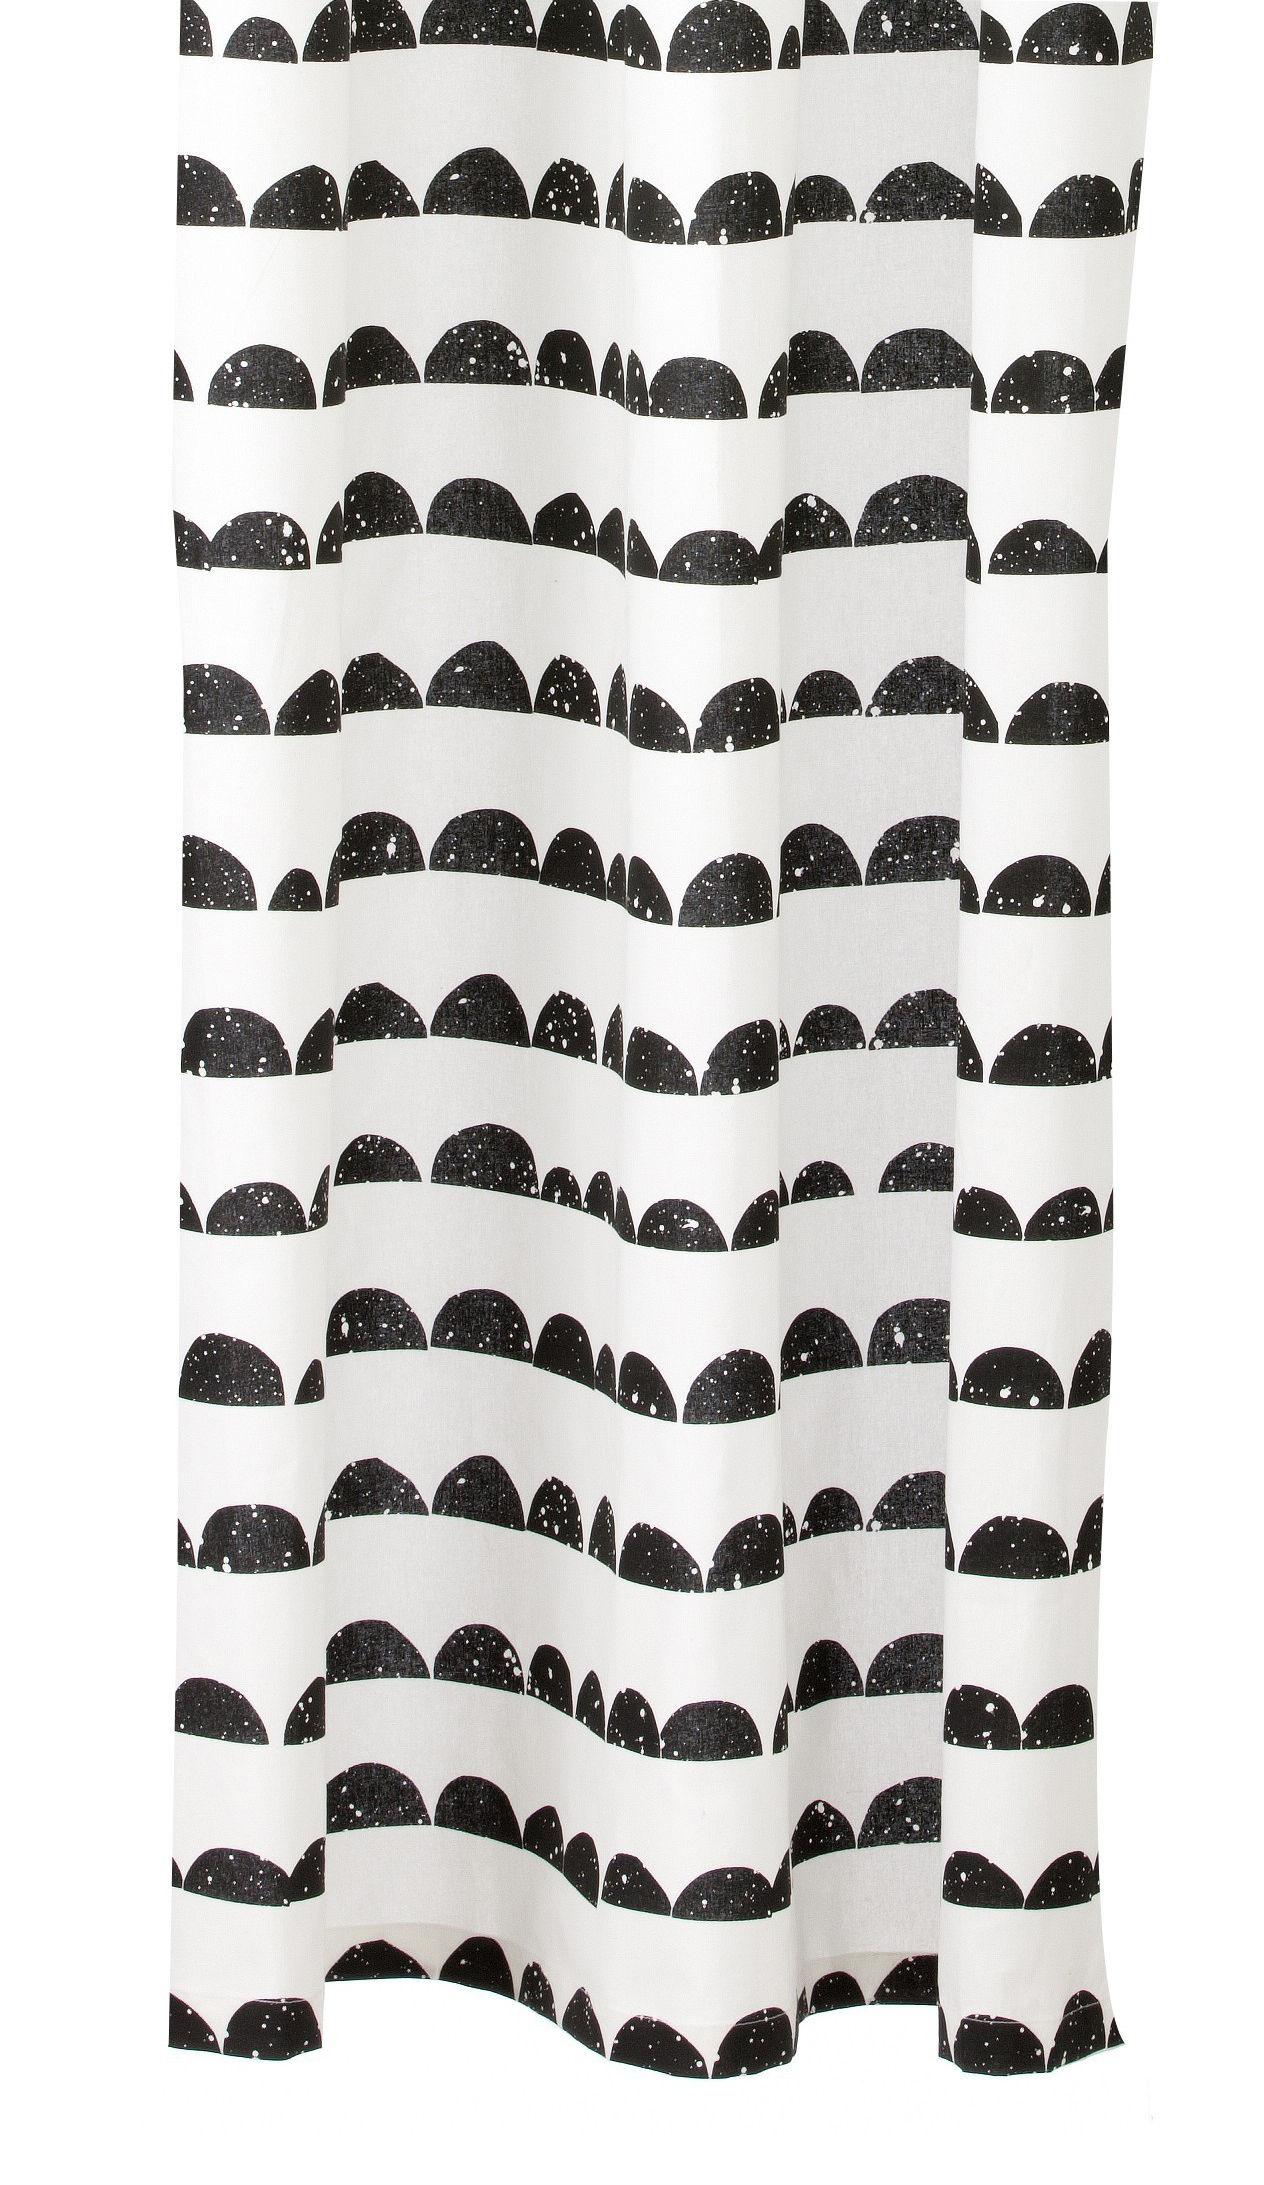 Accessoires - Accessoires salle de bains - Rideau de douche Half Moon / 160 x H 200 cm - Ferm Living - Noir , blanc - Coton